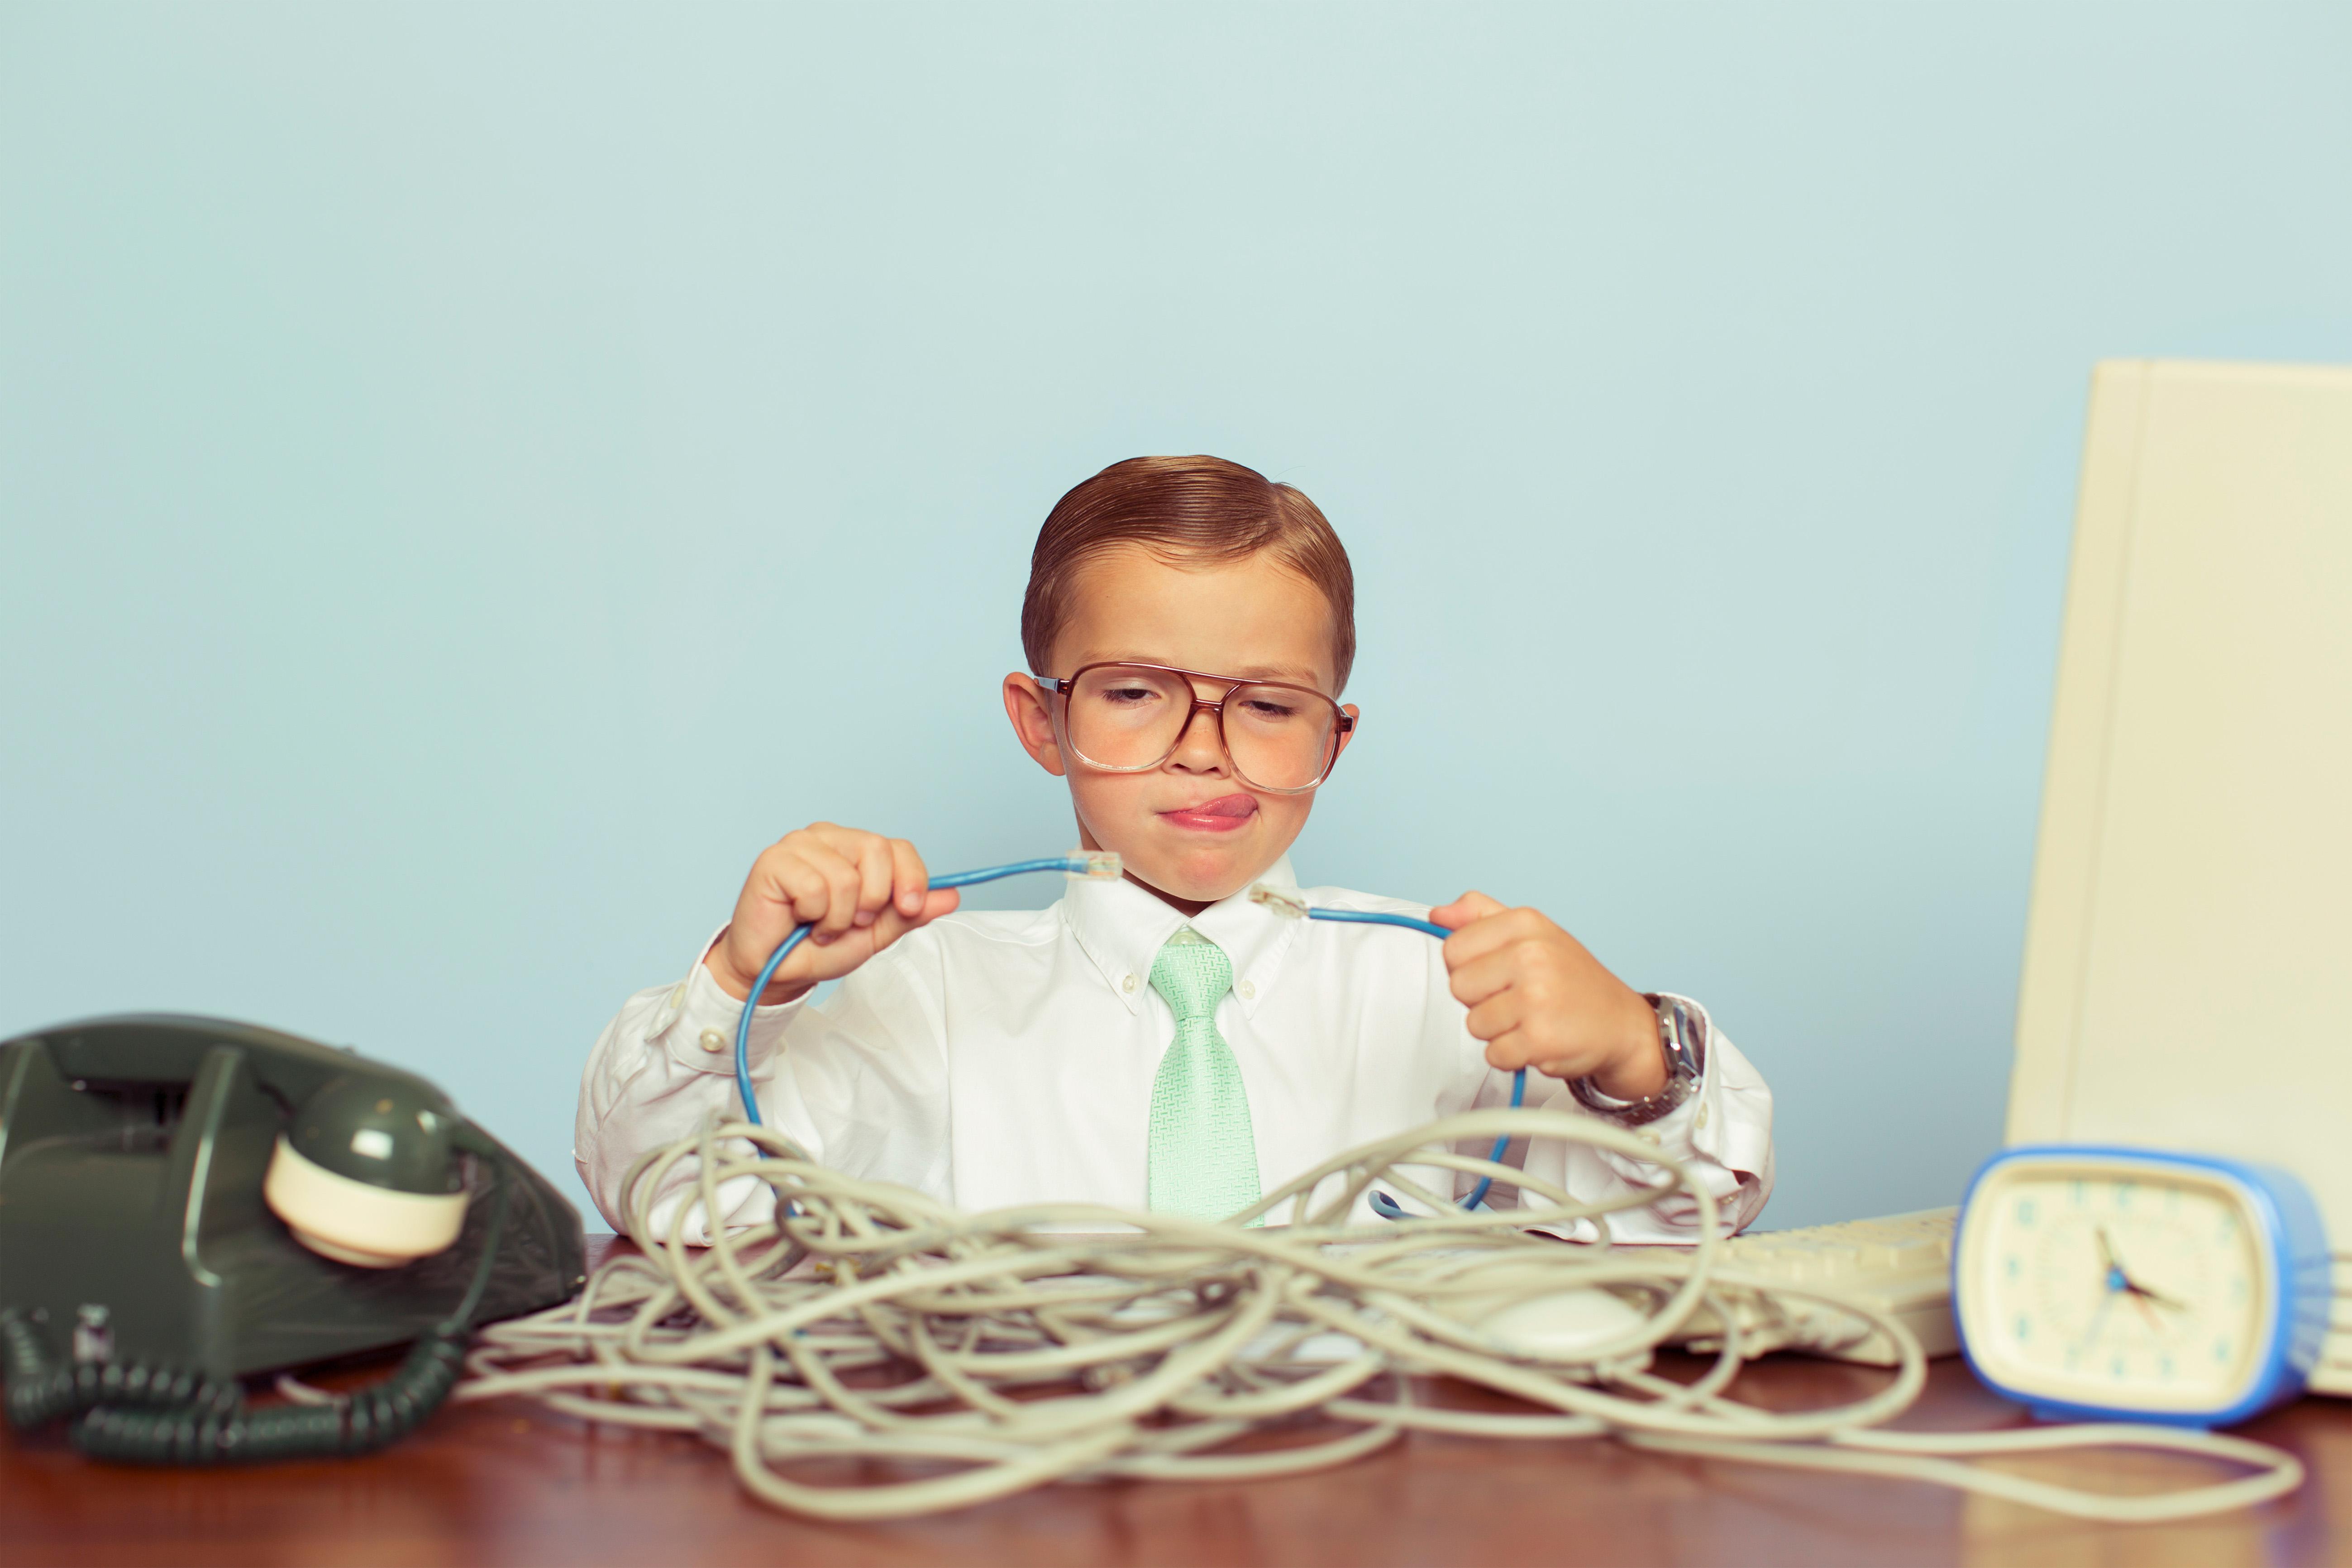 Junge mit Telefonkabel